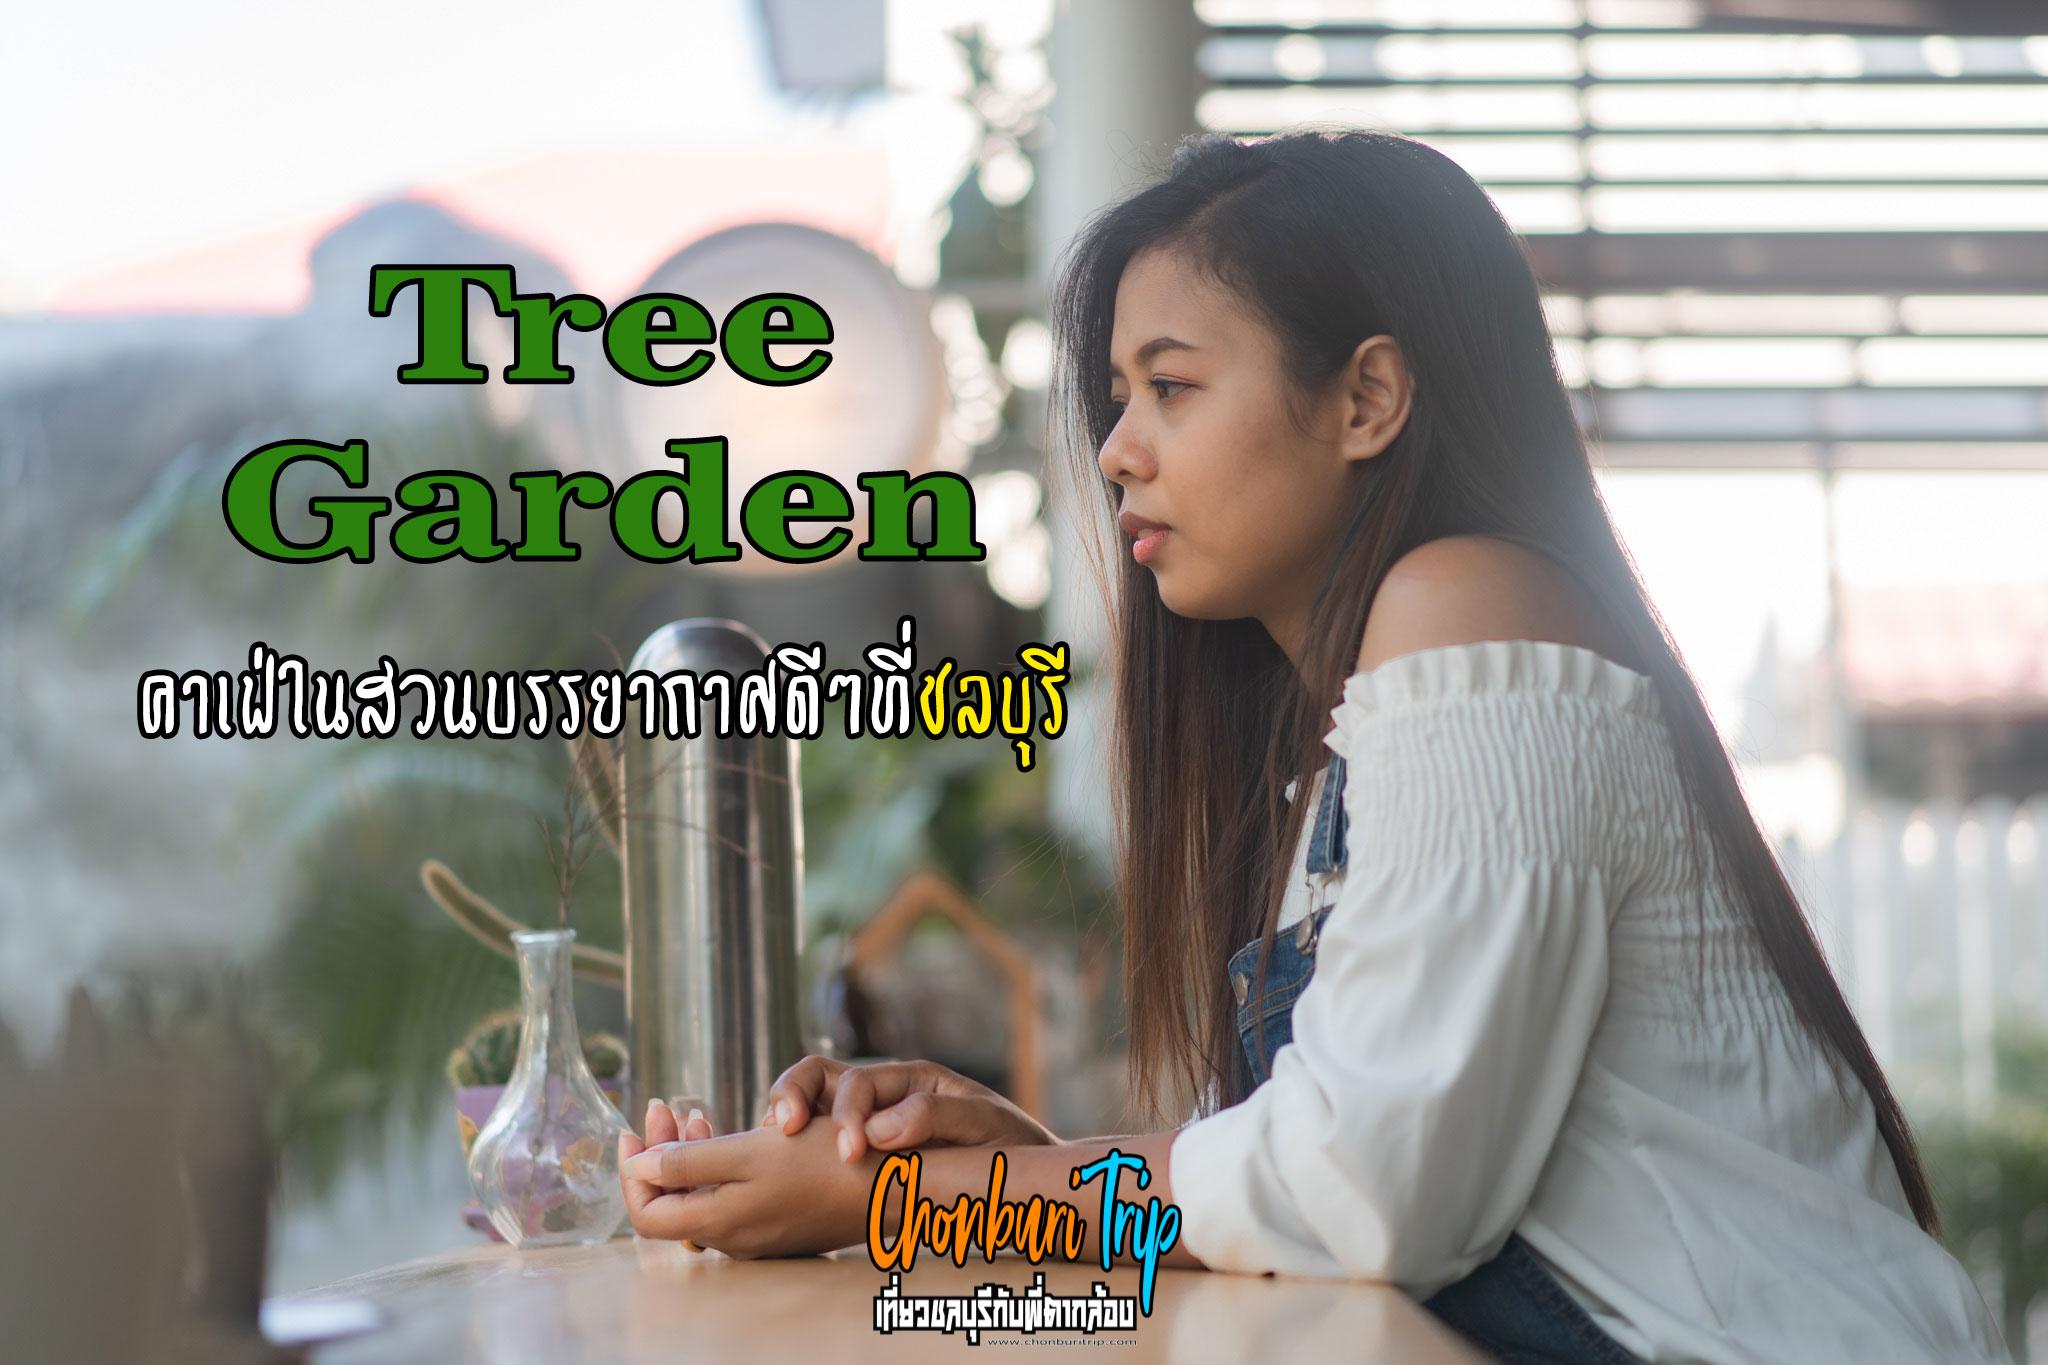 Tree Garden คาเฟ่ชลบุรี